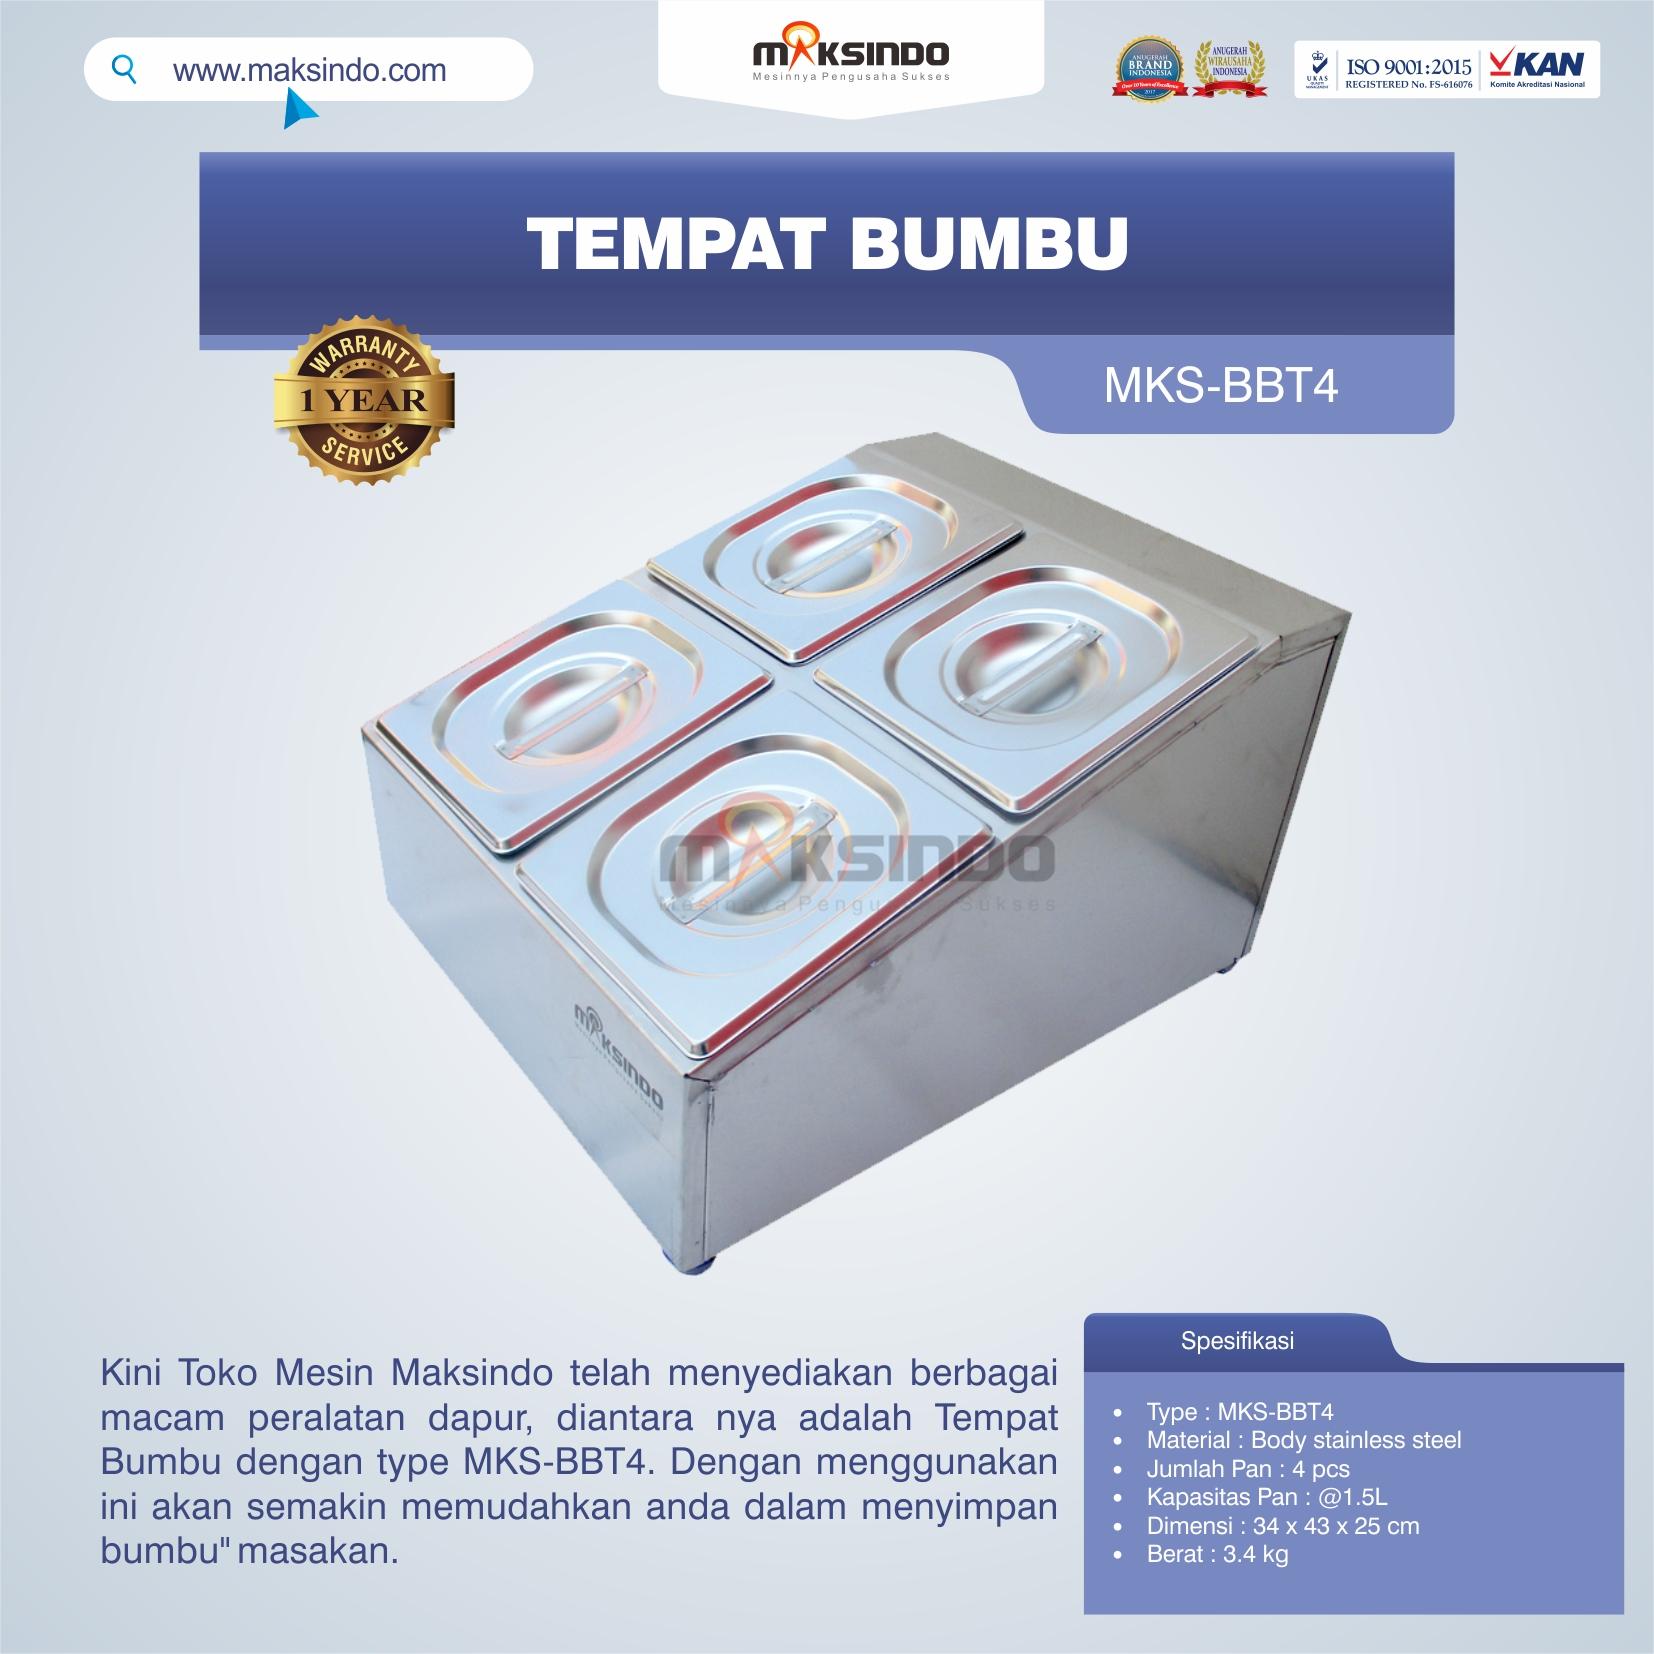 Jual Tempat Bumbu MKS-BBT4 di Bandung